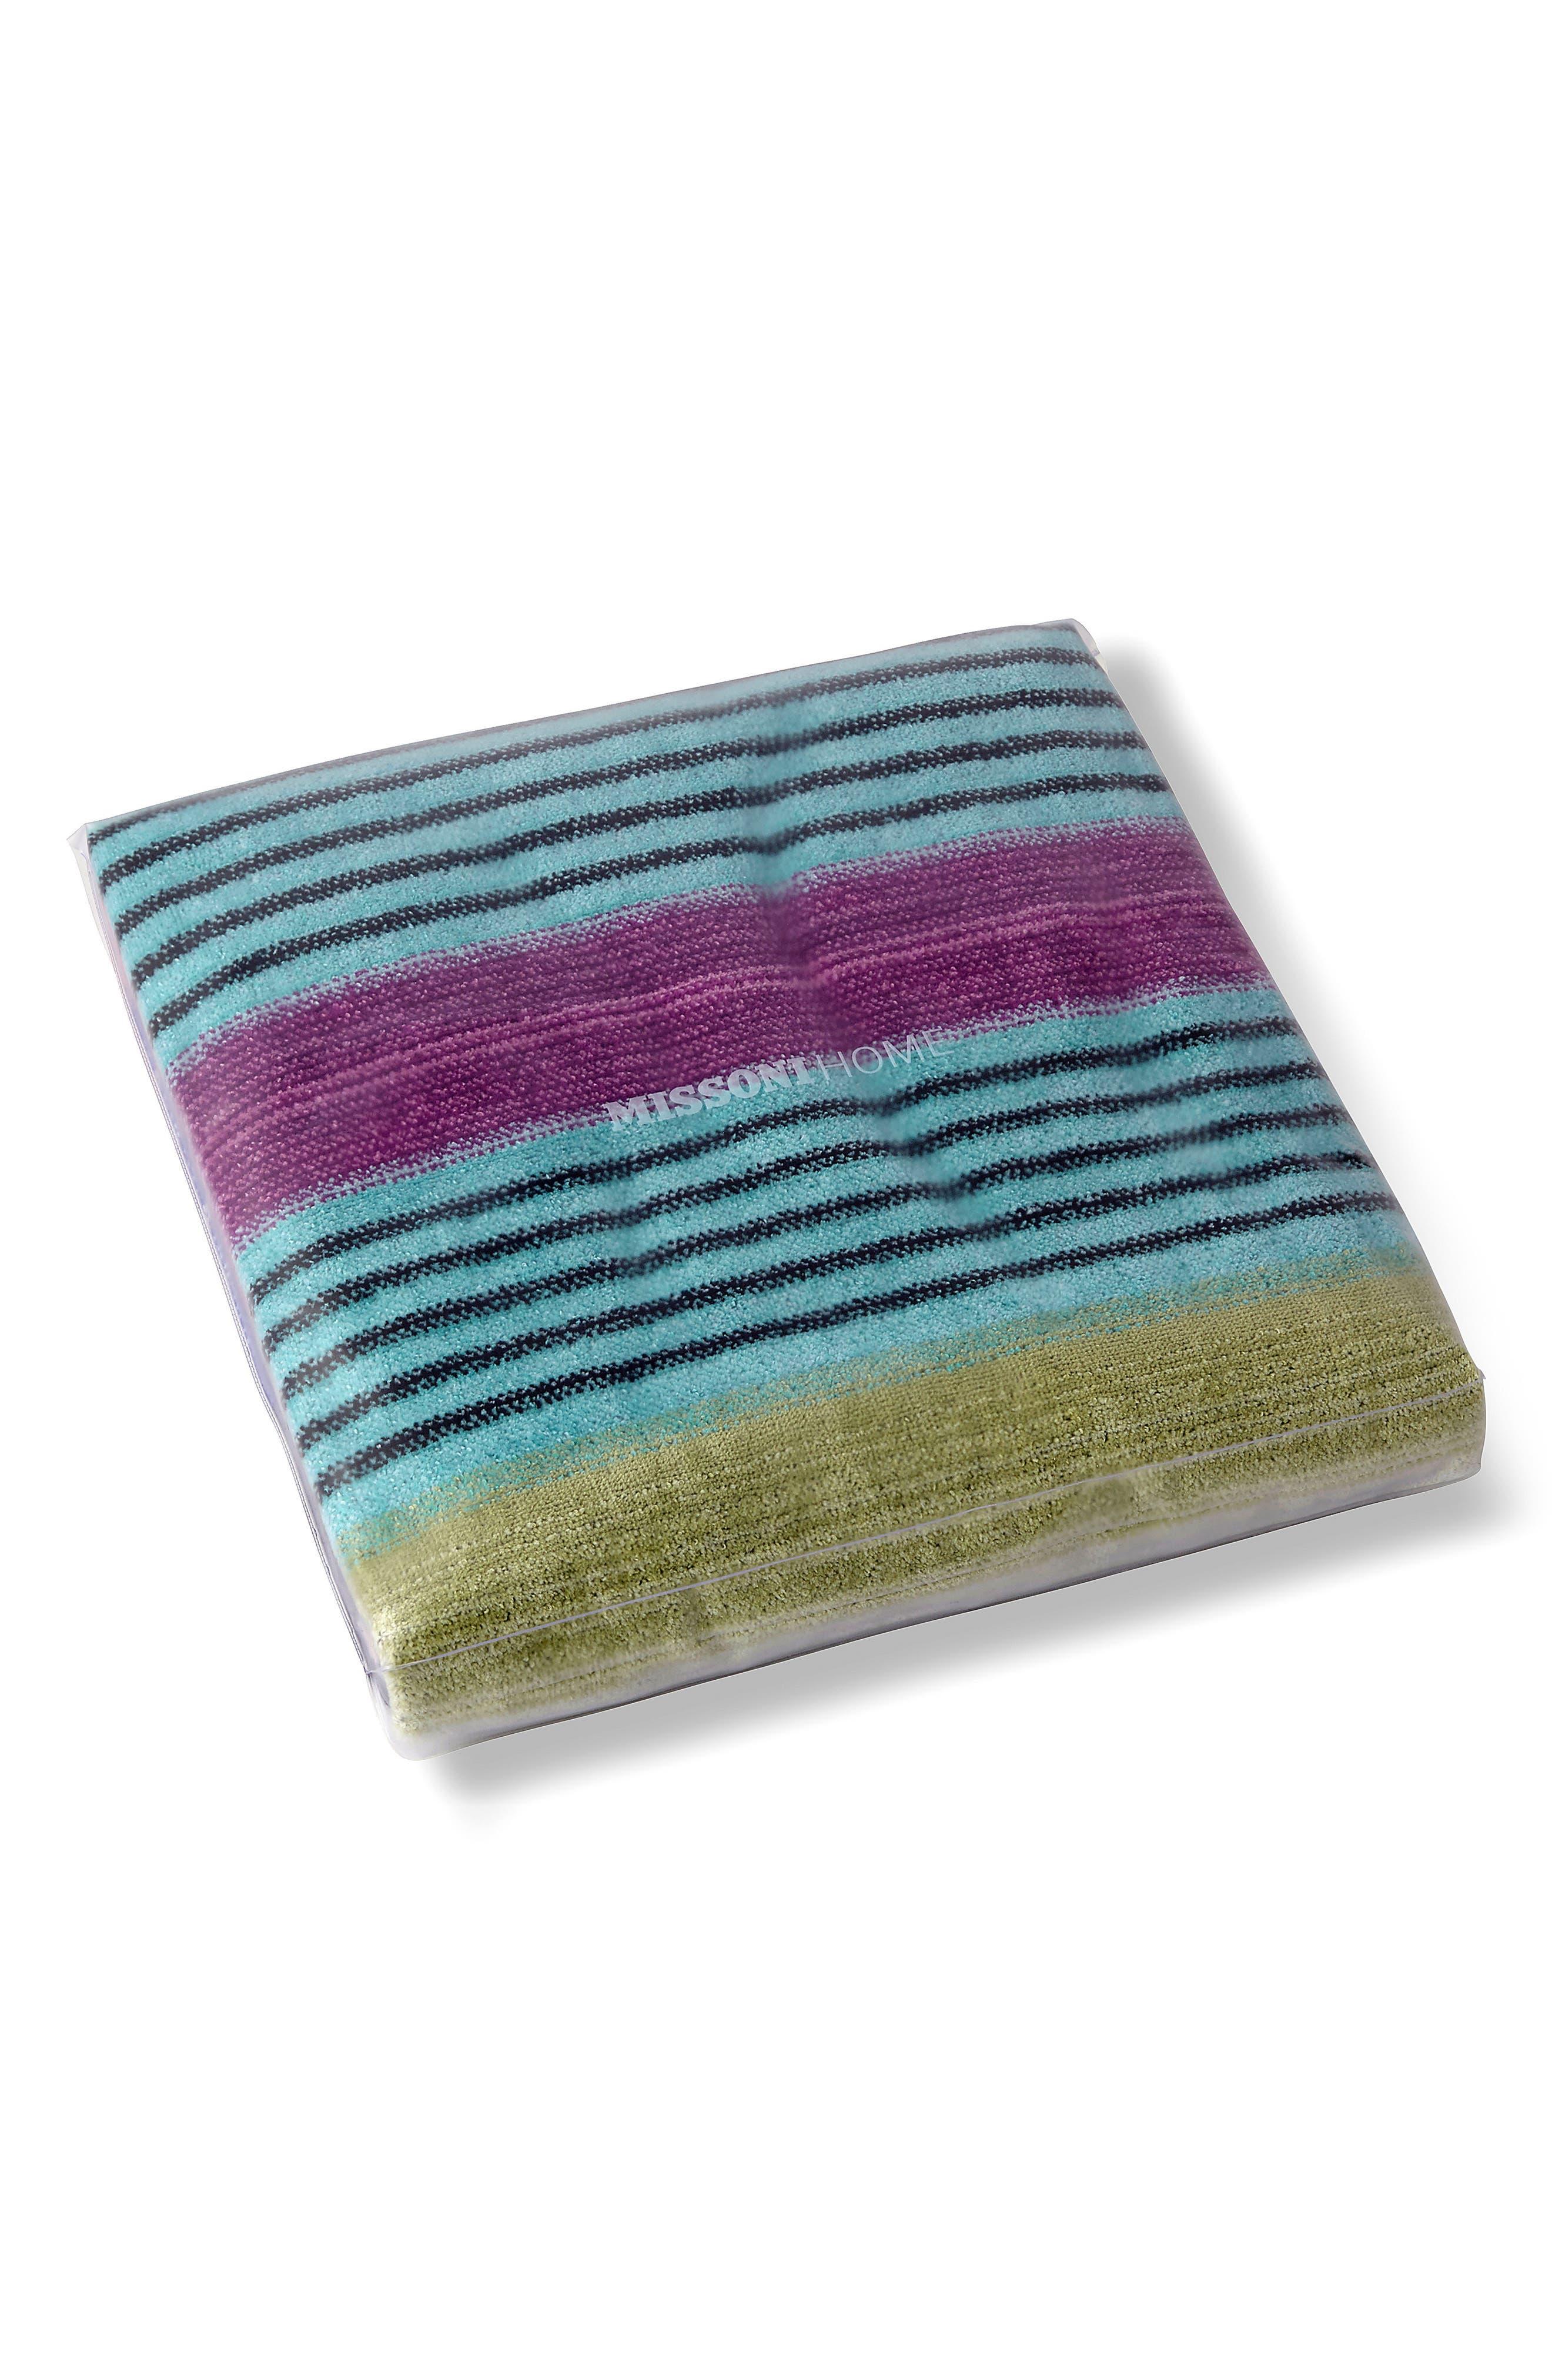 Viviette Beach Towel,                             Alternate thumbnail 3, color,                             MULTI